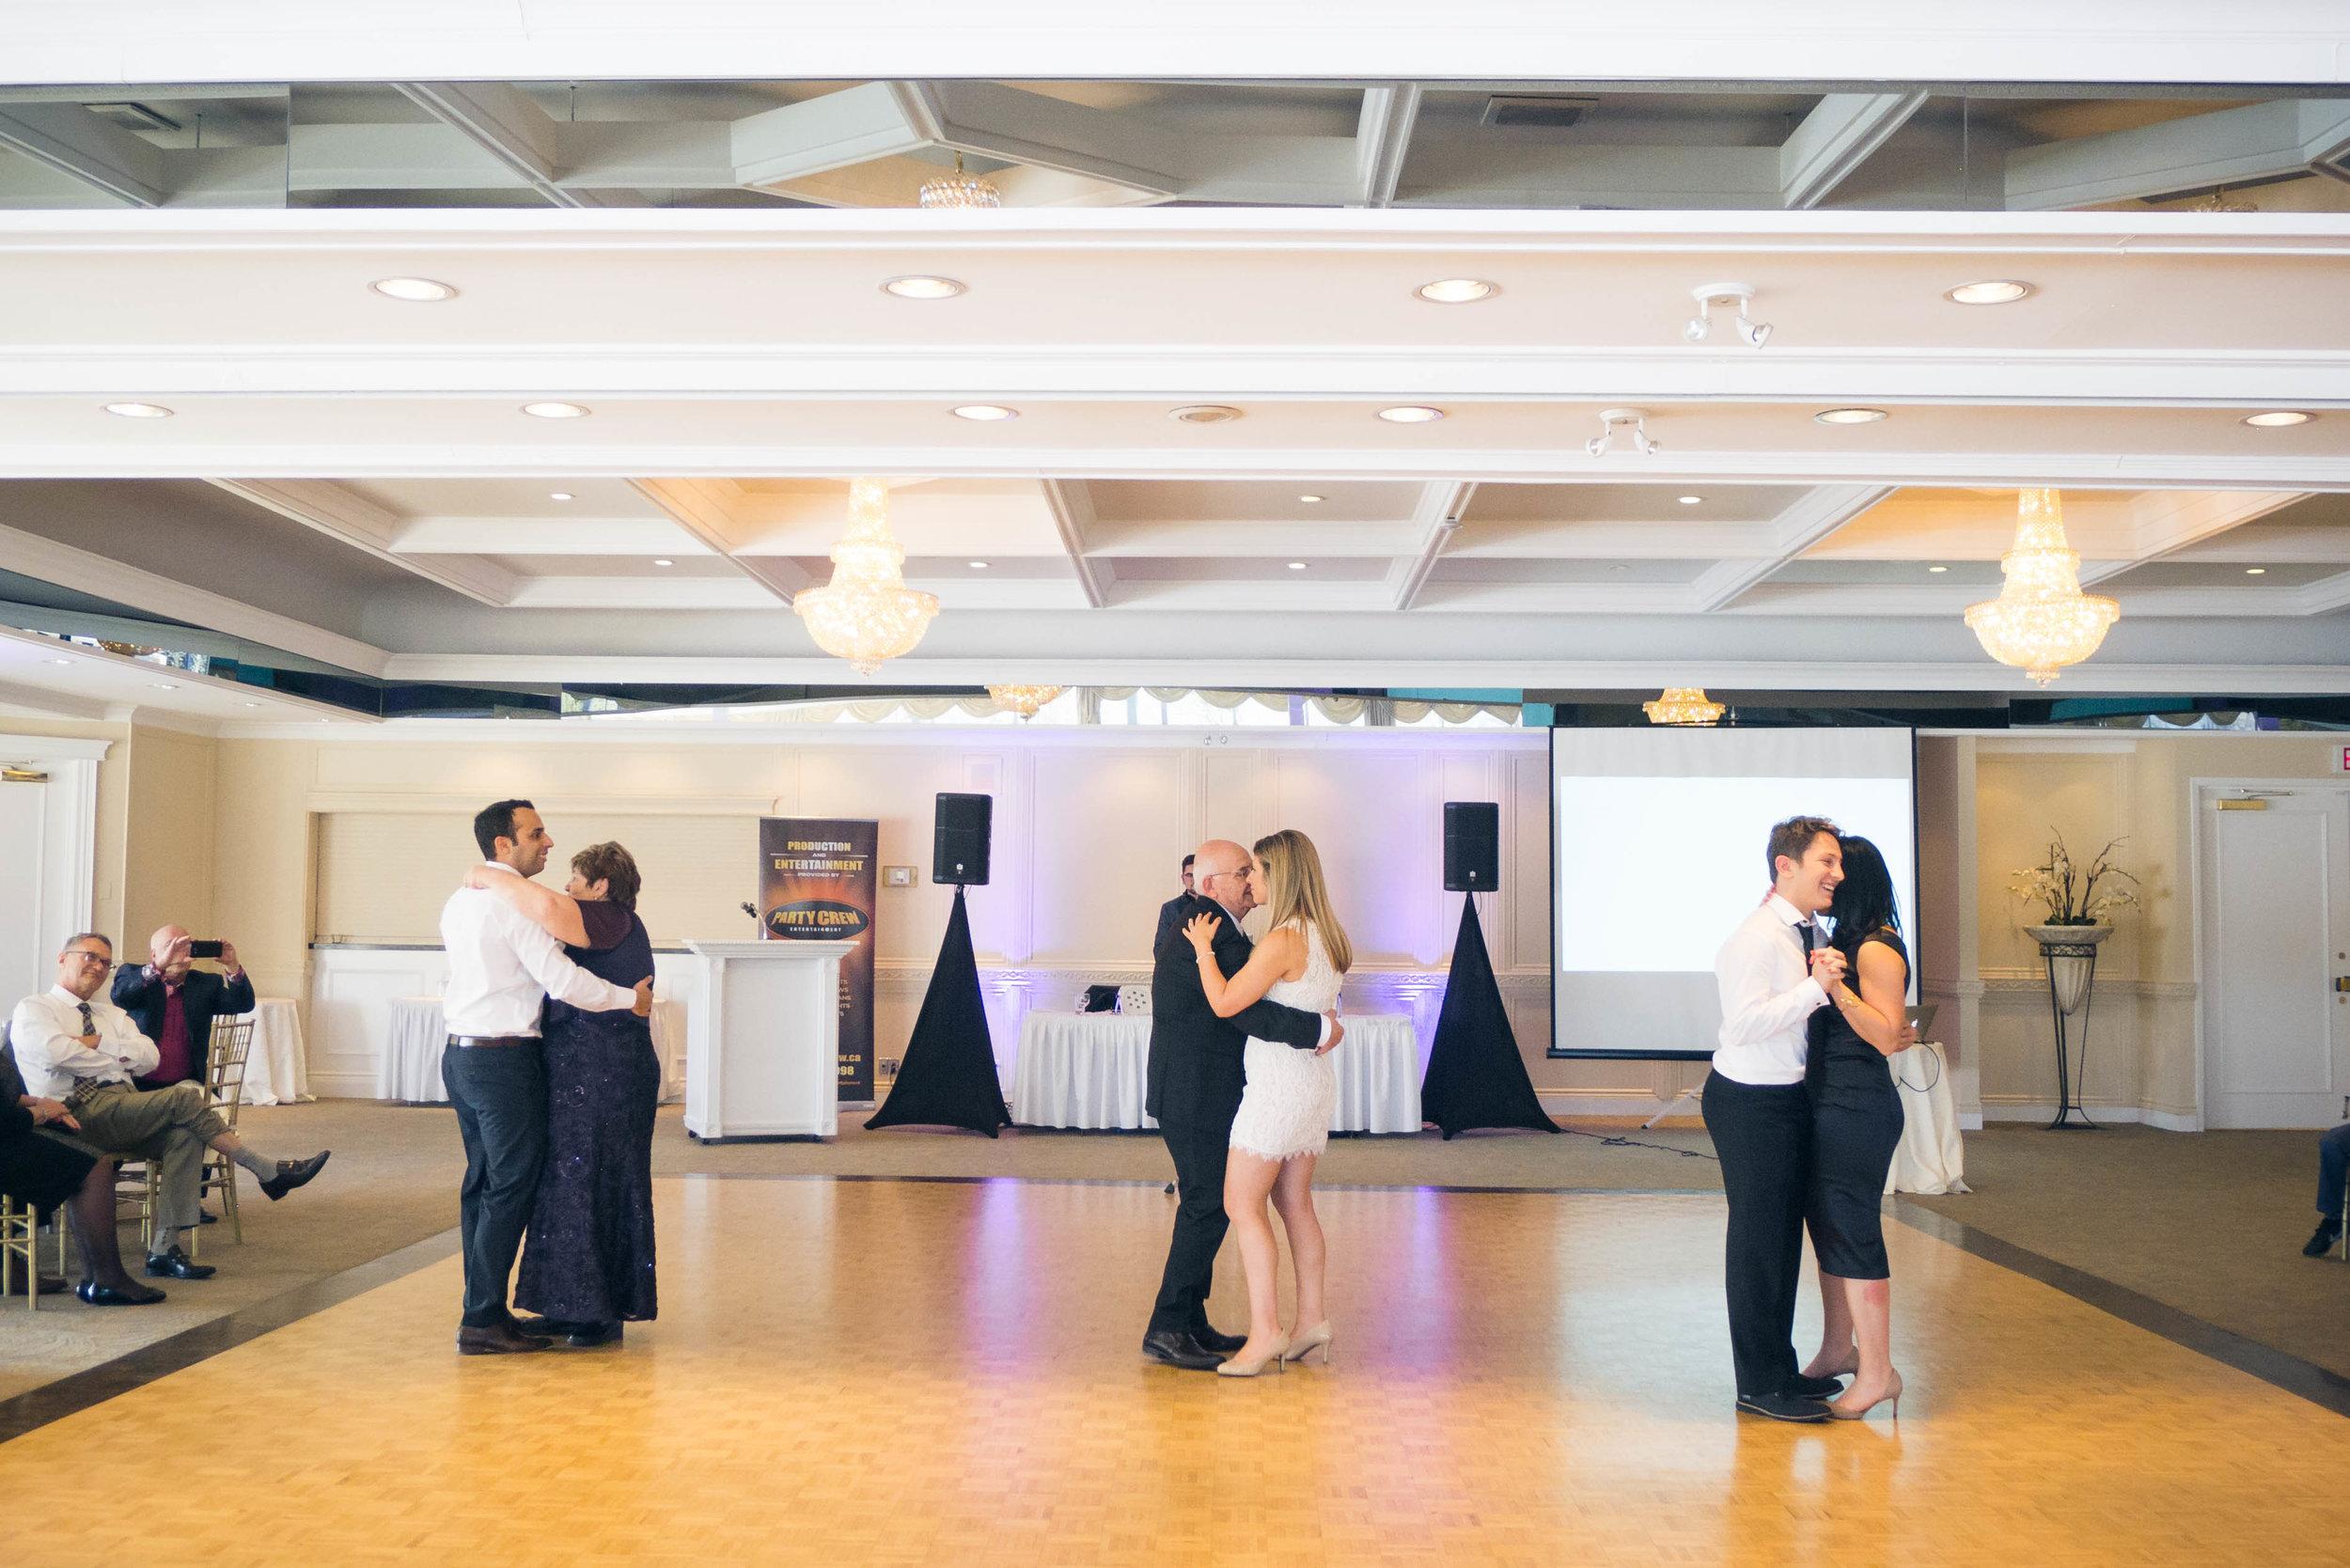 richmond-hill-country-club-wedding